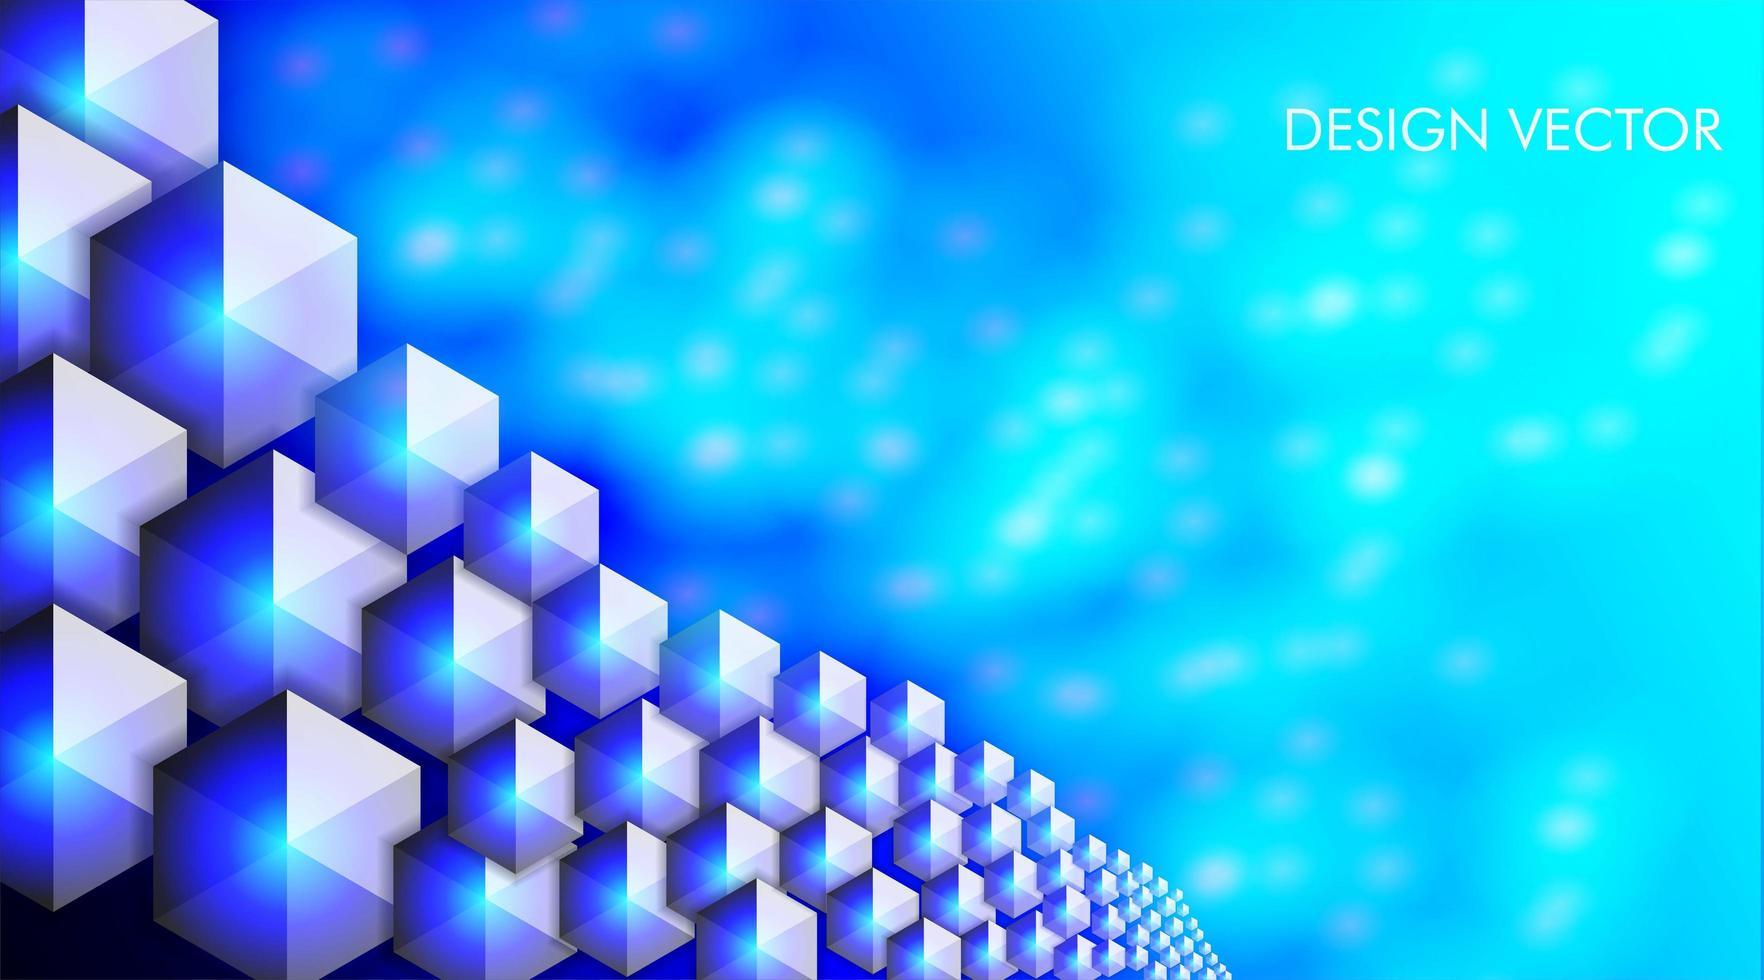 abstrakter Hintergrund von Sechseckformen und Blaulichtbokeh vektor